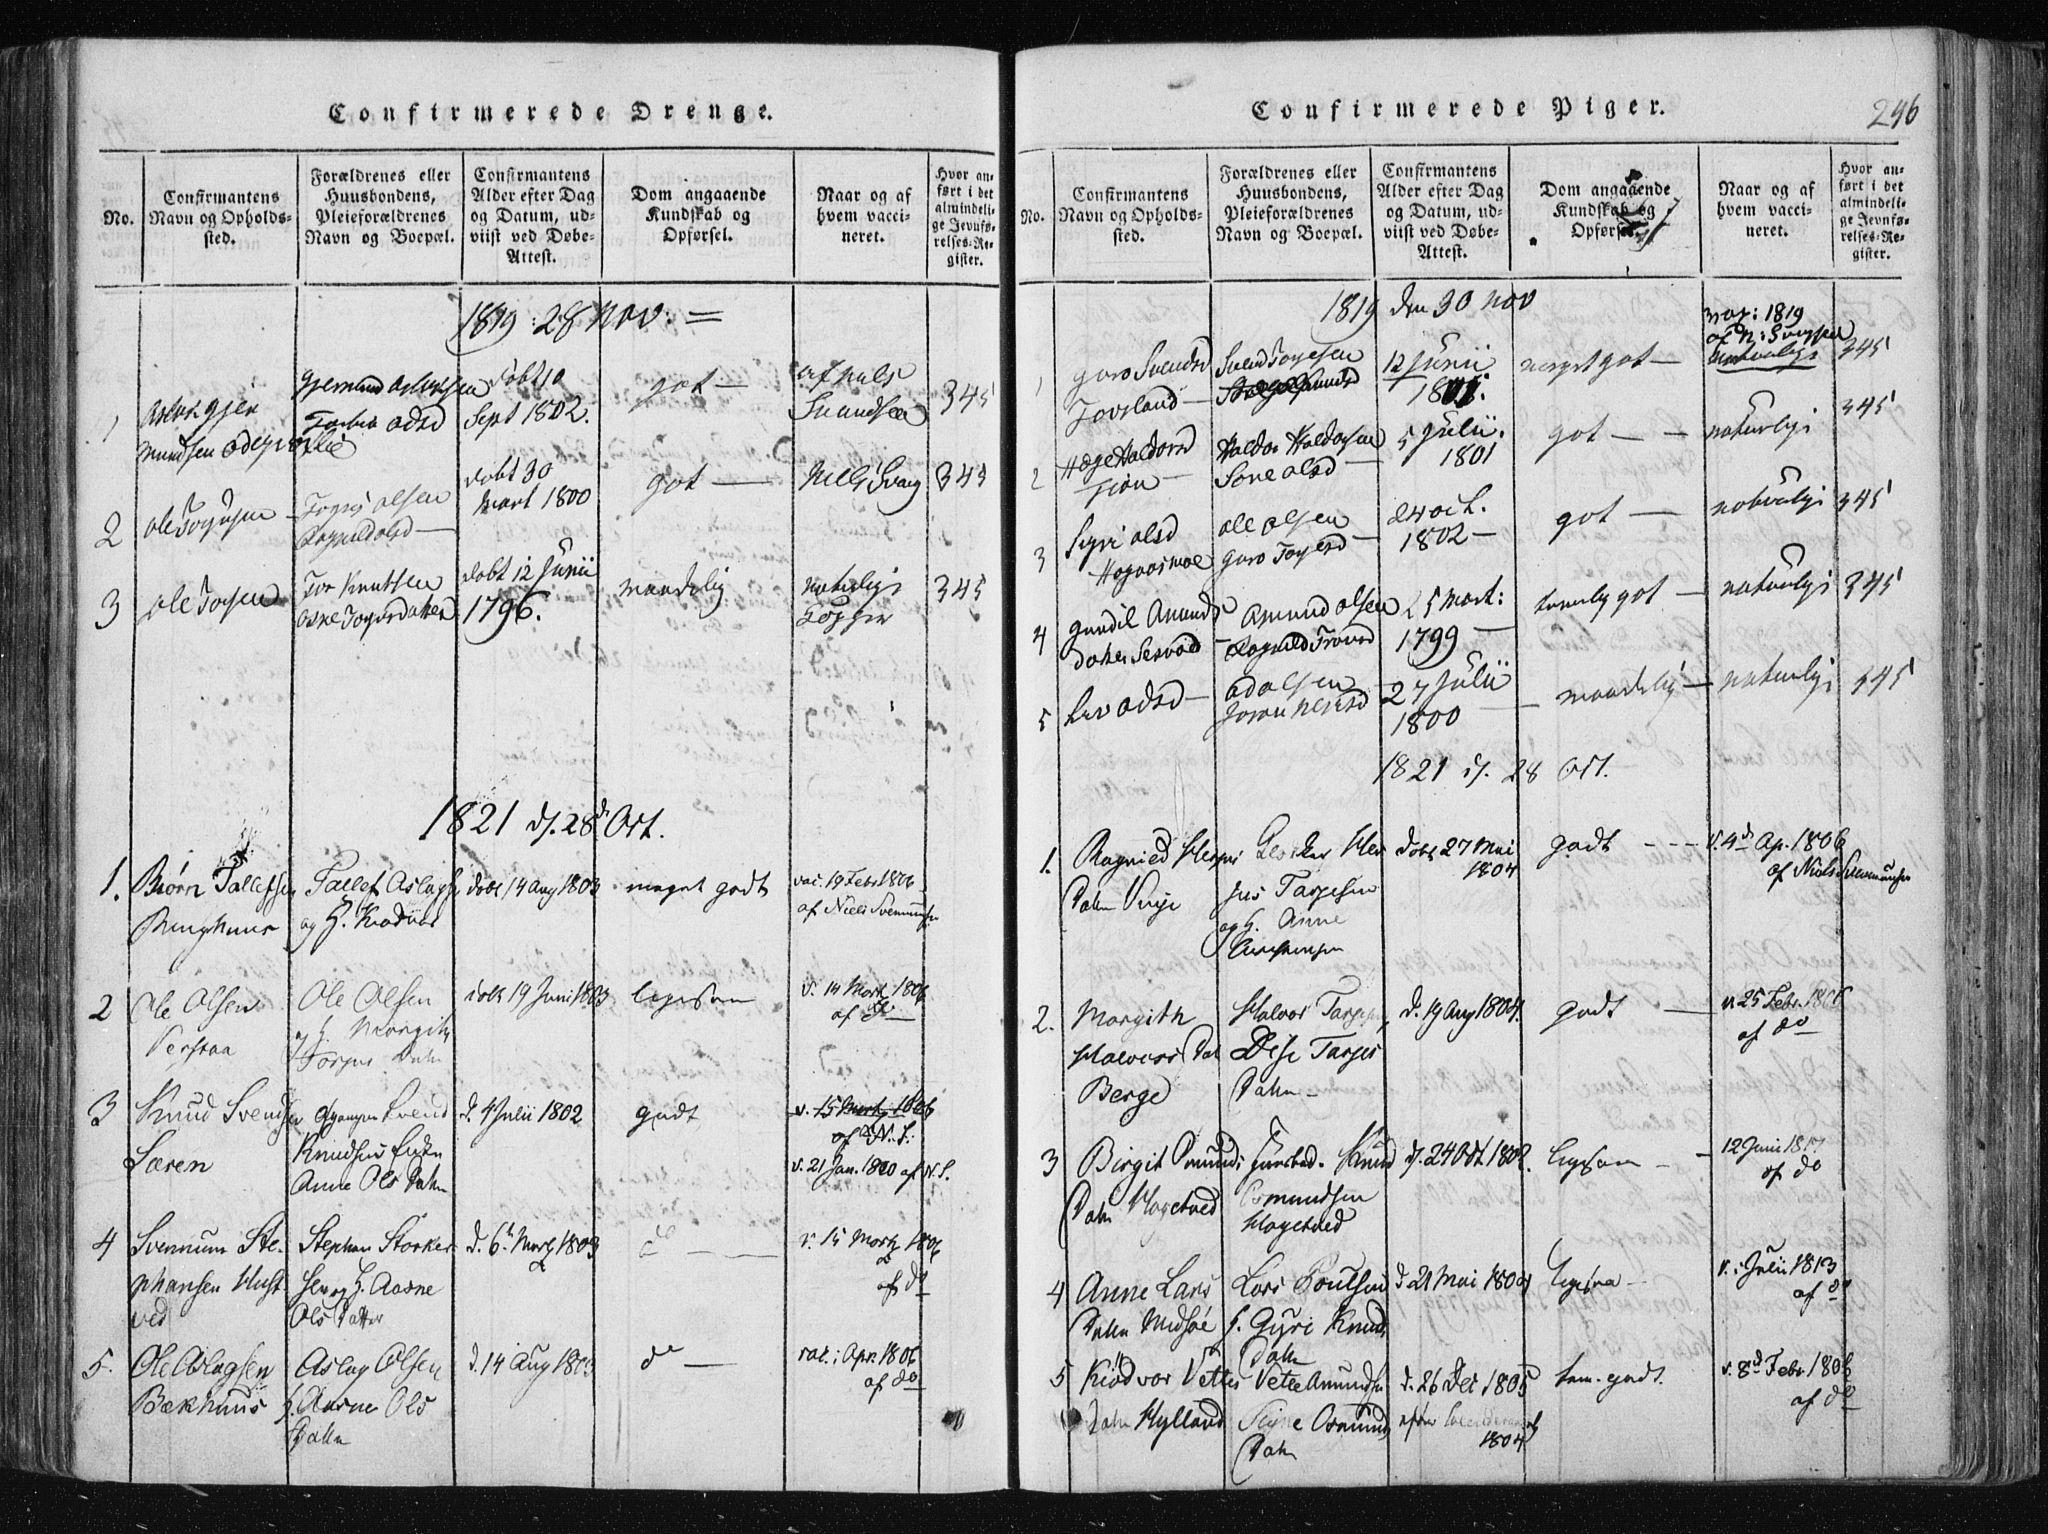 SAKO, Vinje kirkebøker, F/Fa/L0003: Ministerialbok nr. I 3, 1814-1843, s. 246